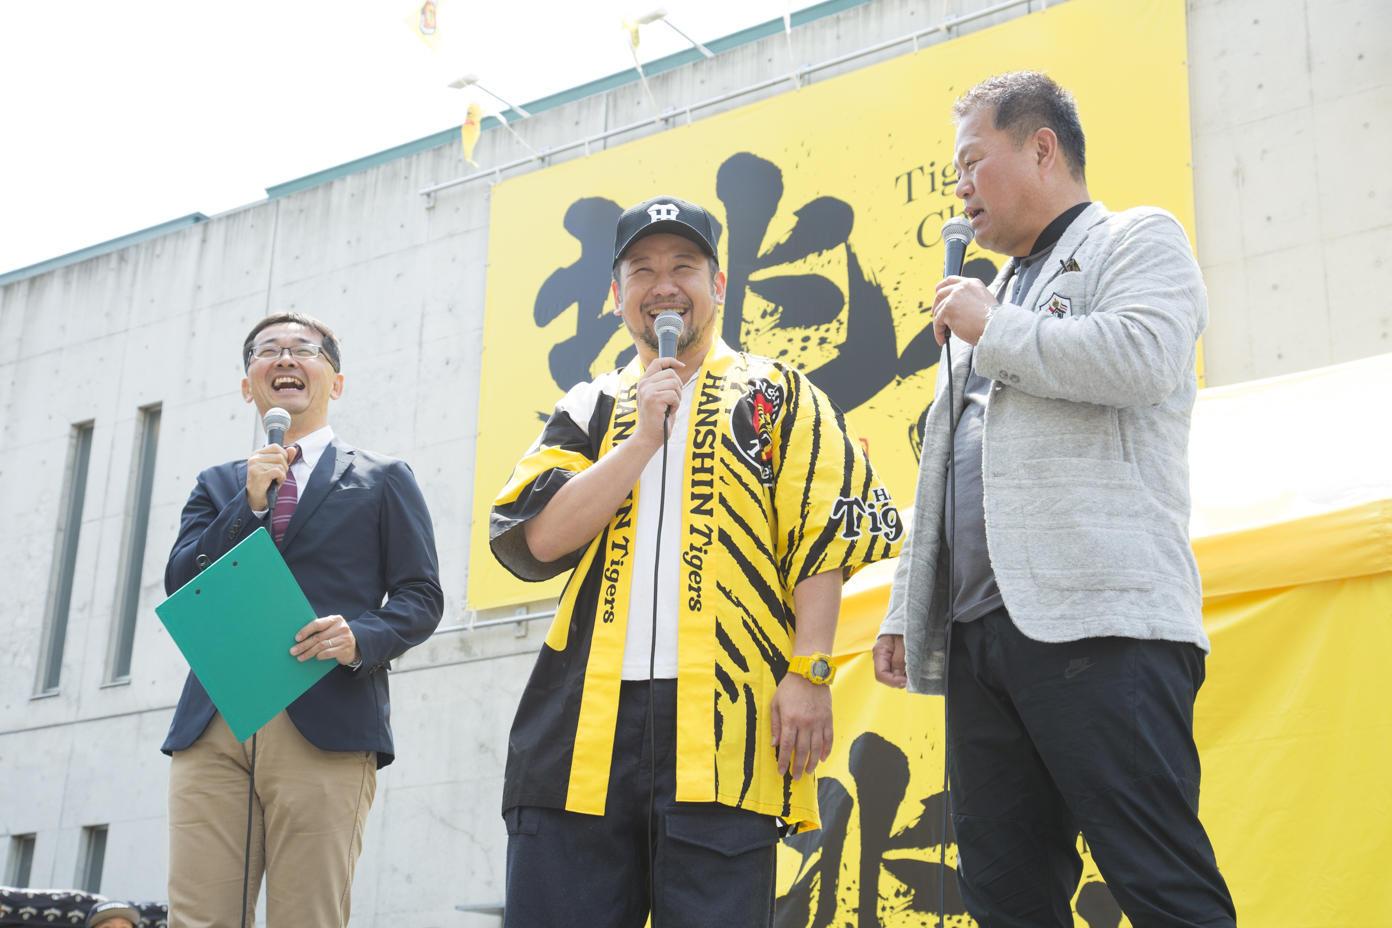 http://news.yoshimoto.co.jp/20170430092320-5a6c124a649322817dde2e7f88c68cfd07dac815.jpg